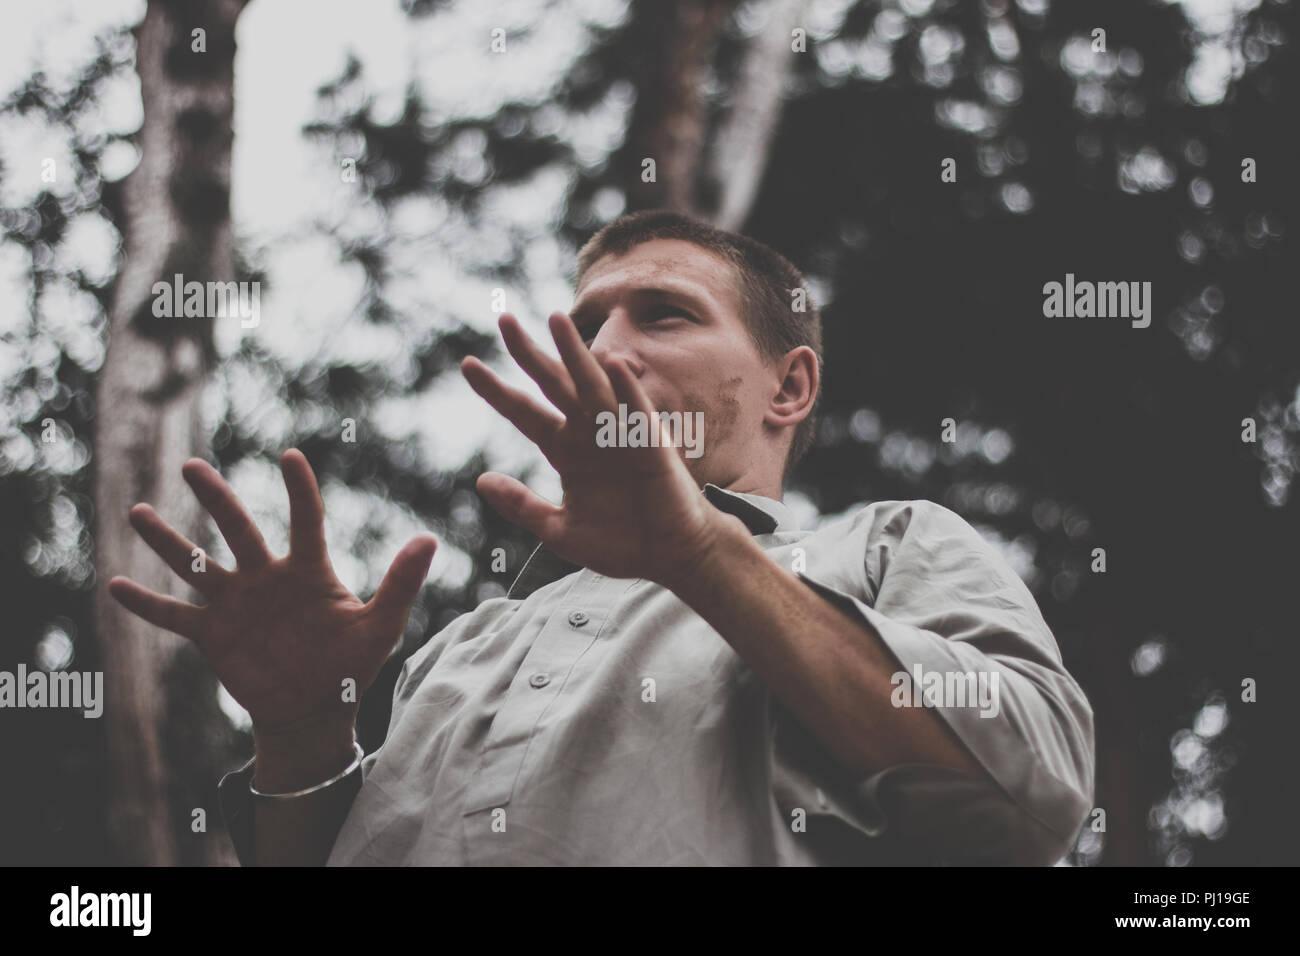 El hombre avanza en la naturaleza bosque Imagen De Stock